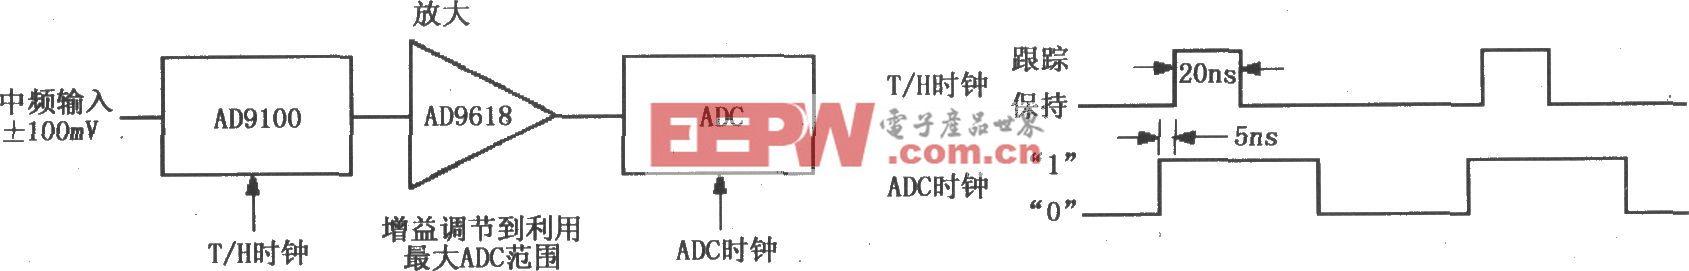 具有跟踪-保持的中频(IF)信号采集电路(AD9100/AD9618)